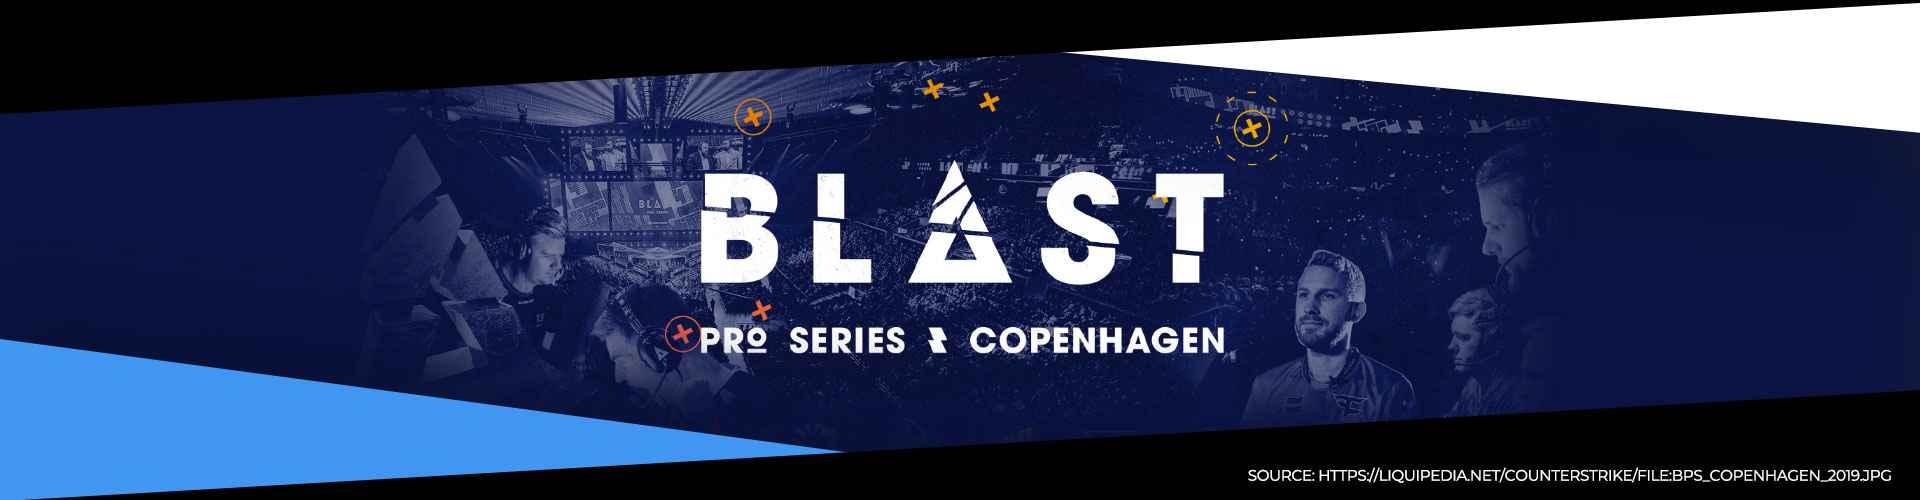 Eventsida för BLAST Pro Series Copenhagen.